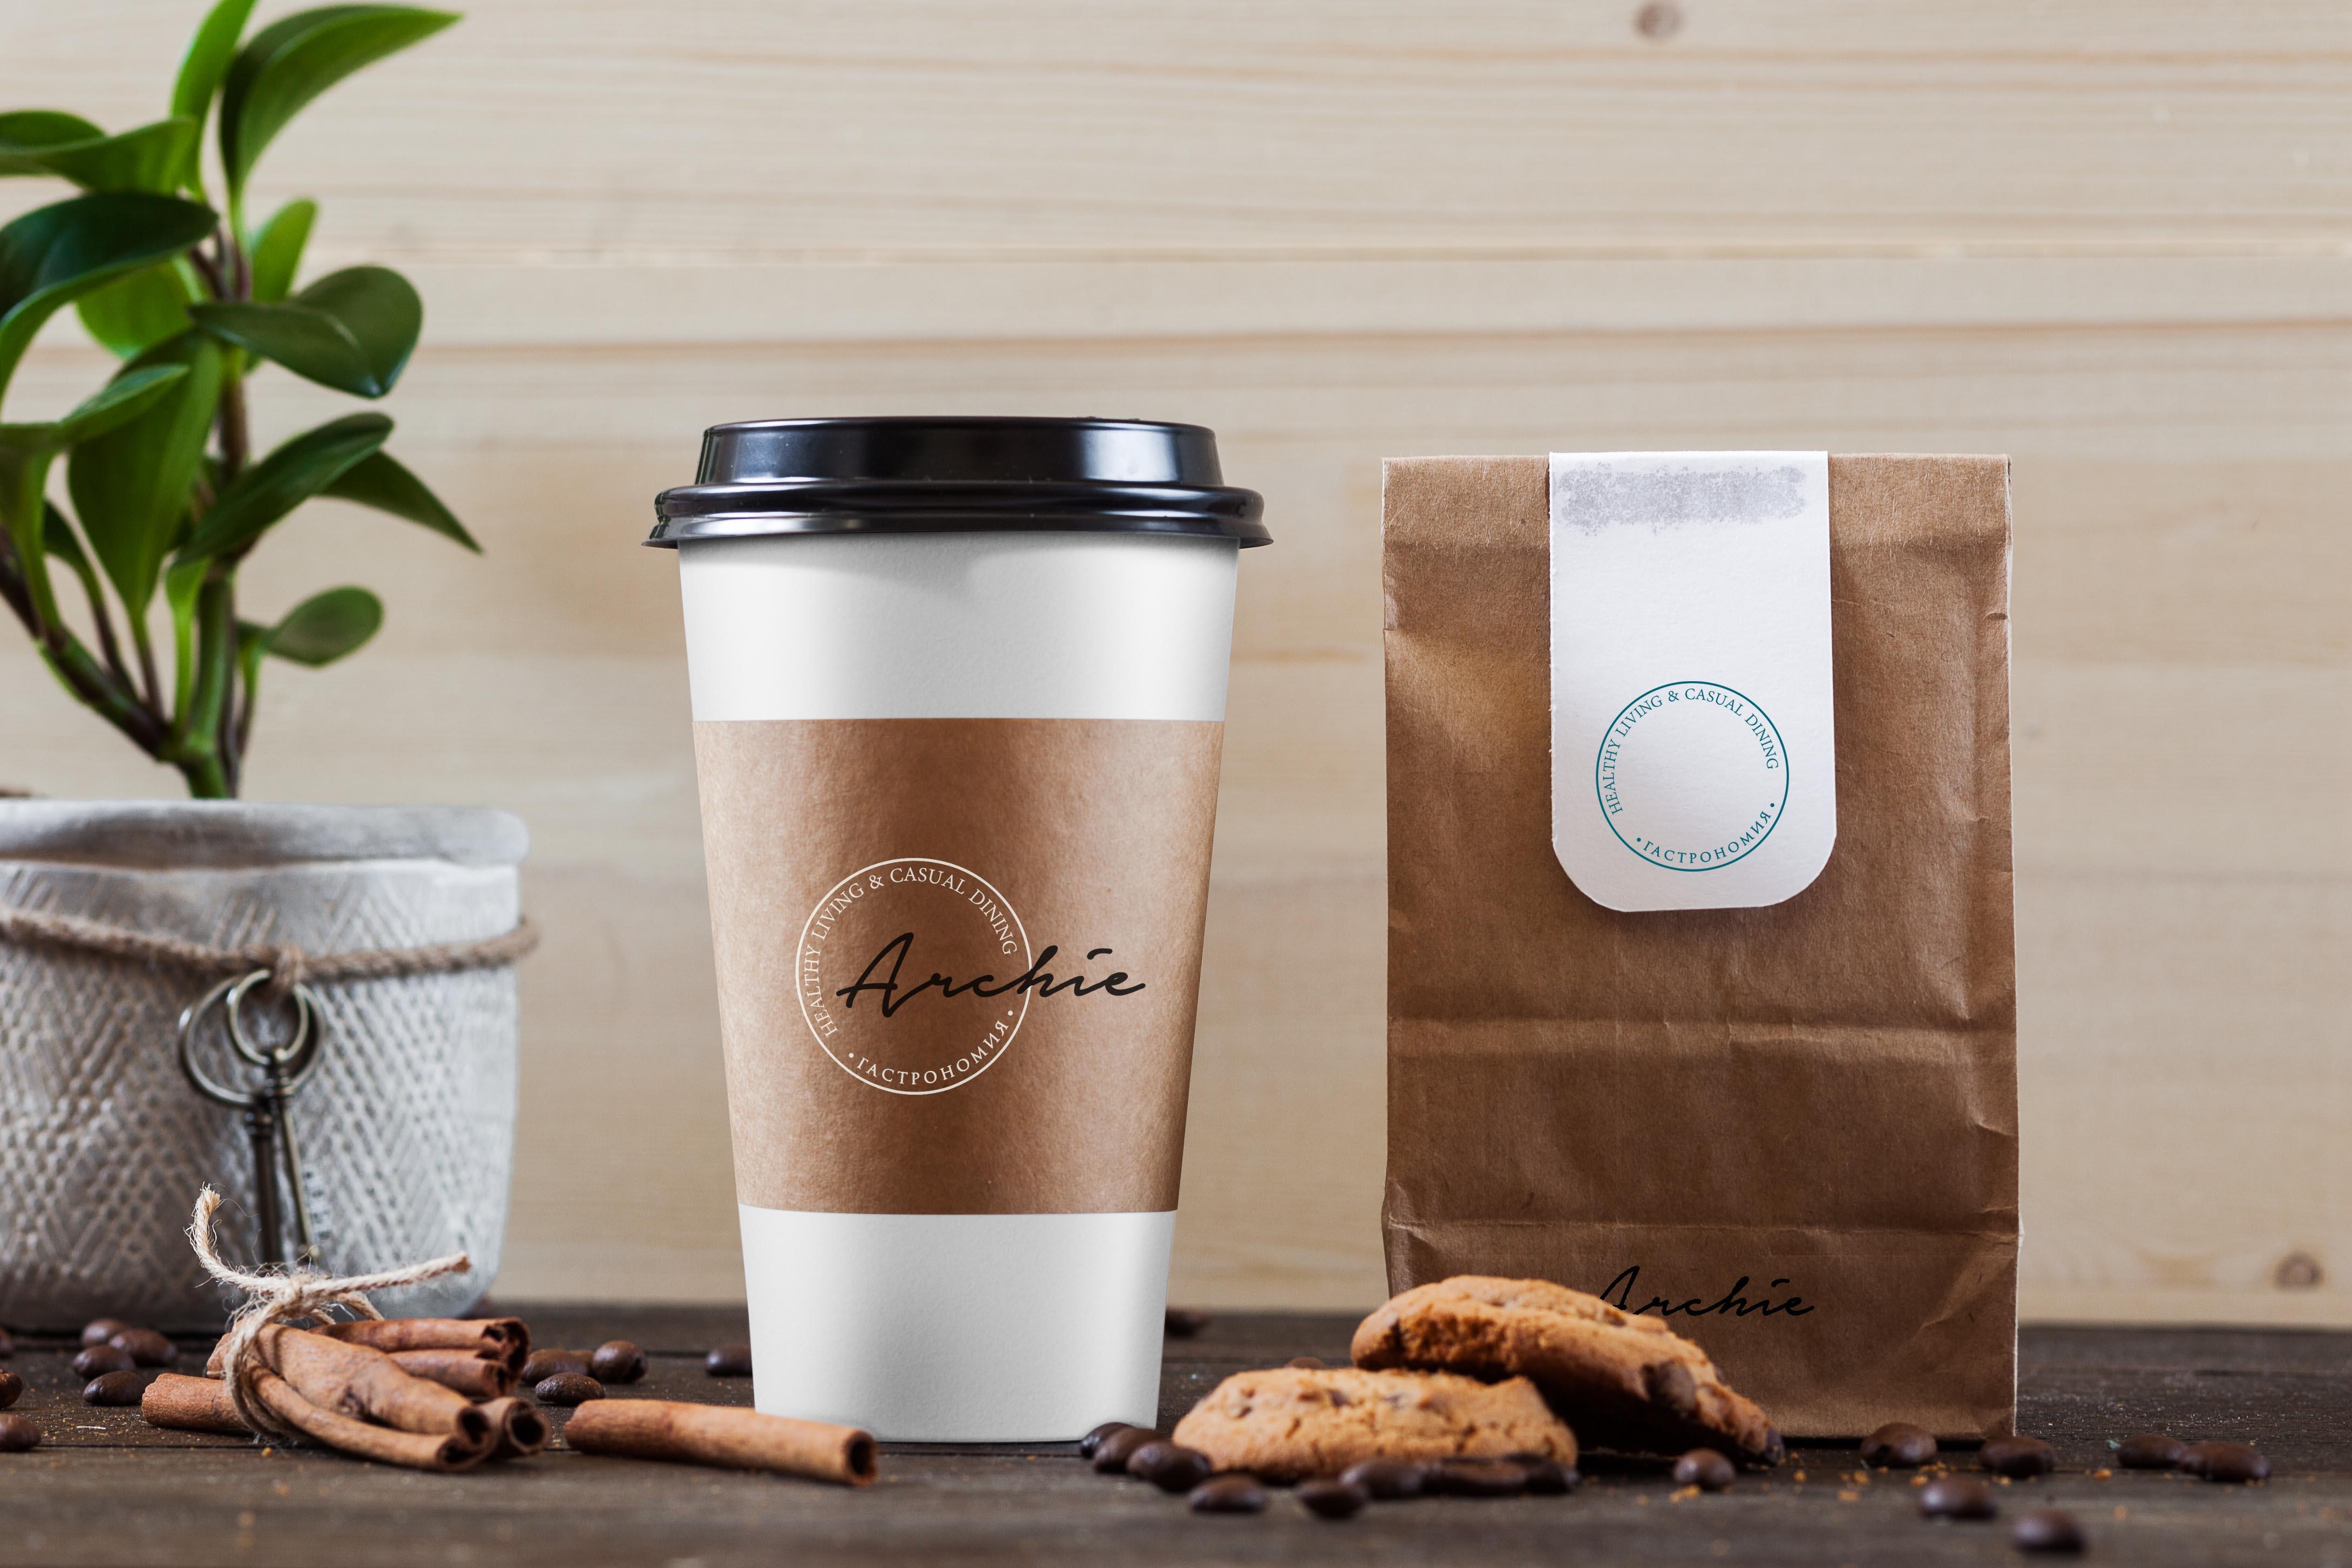 Картинка стаканчика кофе с собой в хорошем качестве